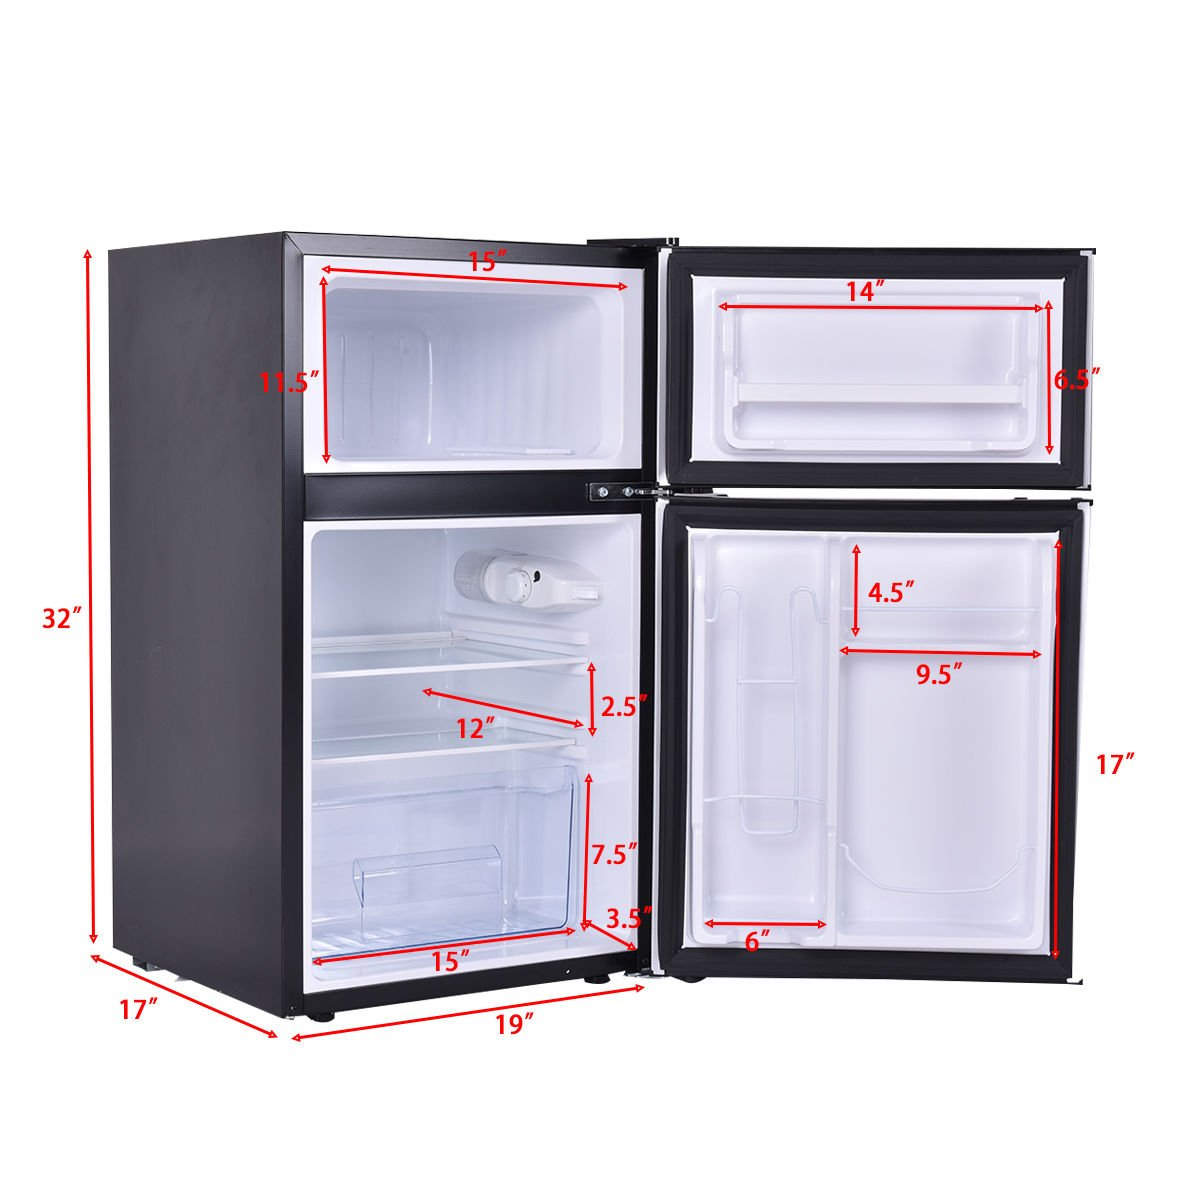 Costway 2 Door Compact Refrigerator Freezer Image 2